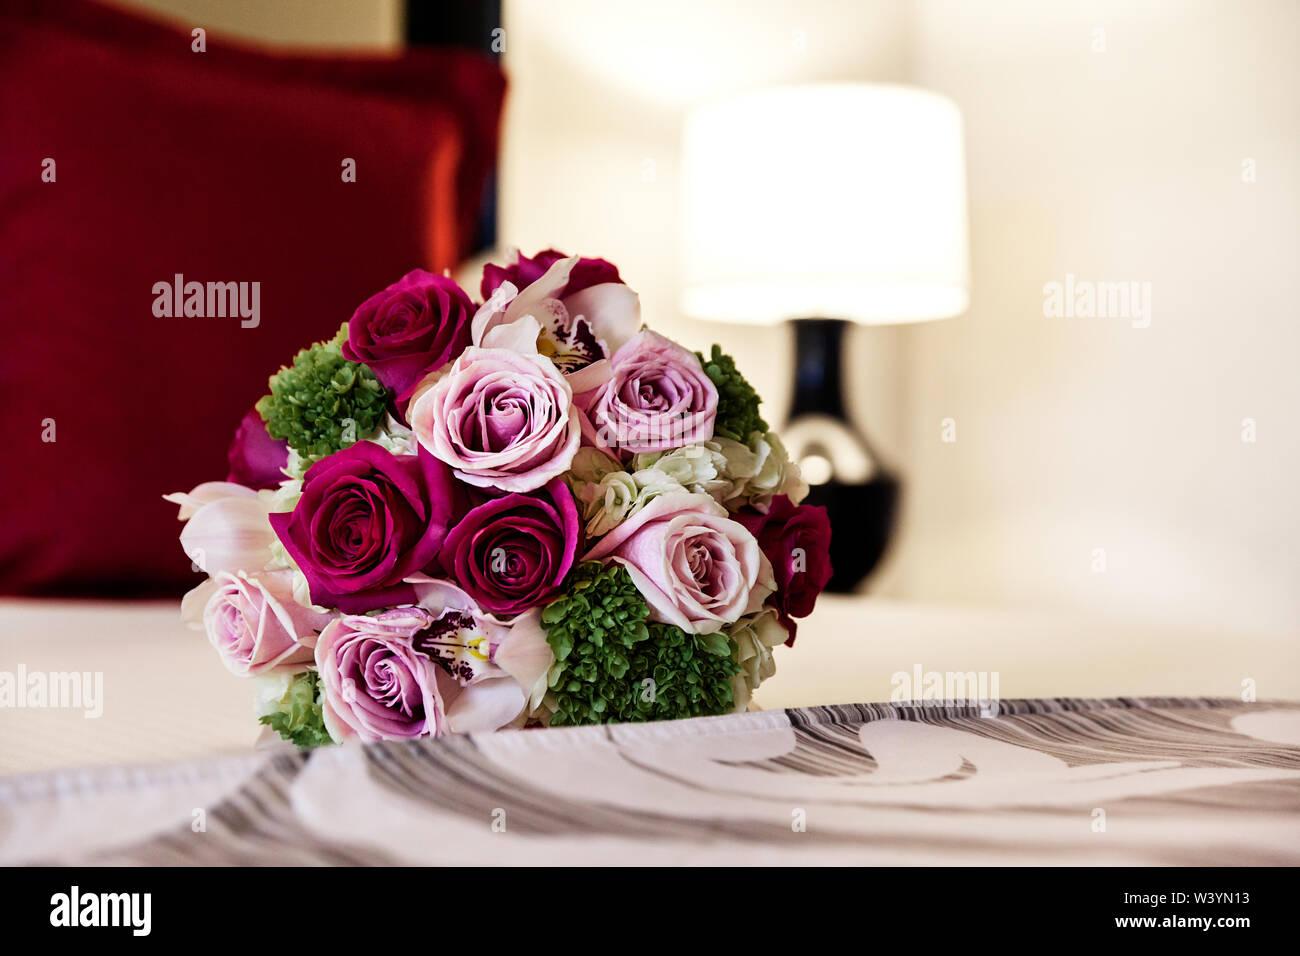 Primer plano de una hermosa boda tierno ramo de rosas en la cama - Imagen Imagen De Stock